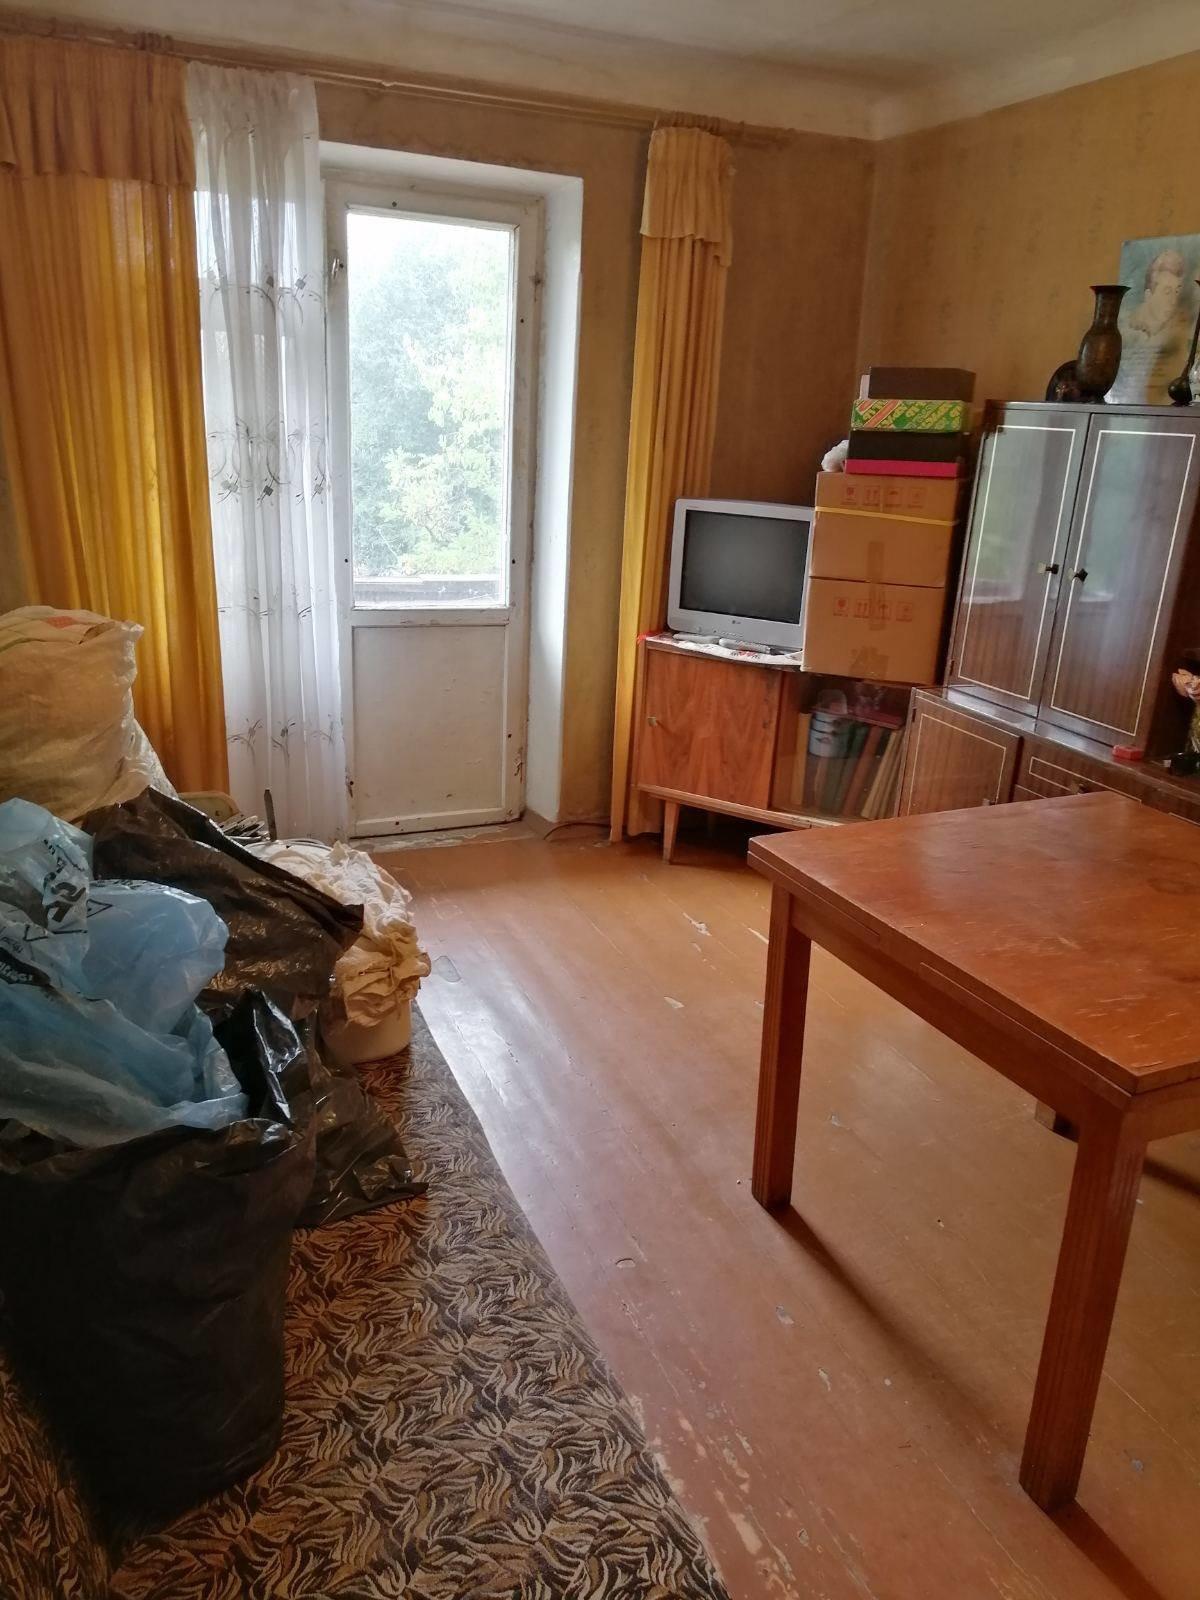 Квадратный метр дорожает: где в Северодонецке самые дорогие и самые дешевые квартиры, фото-9